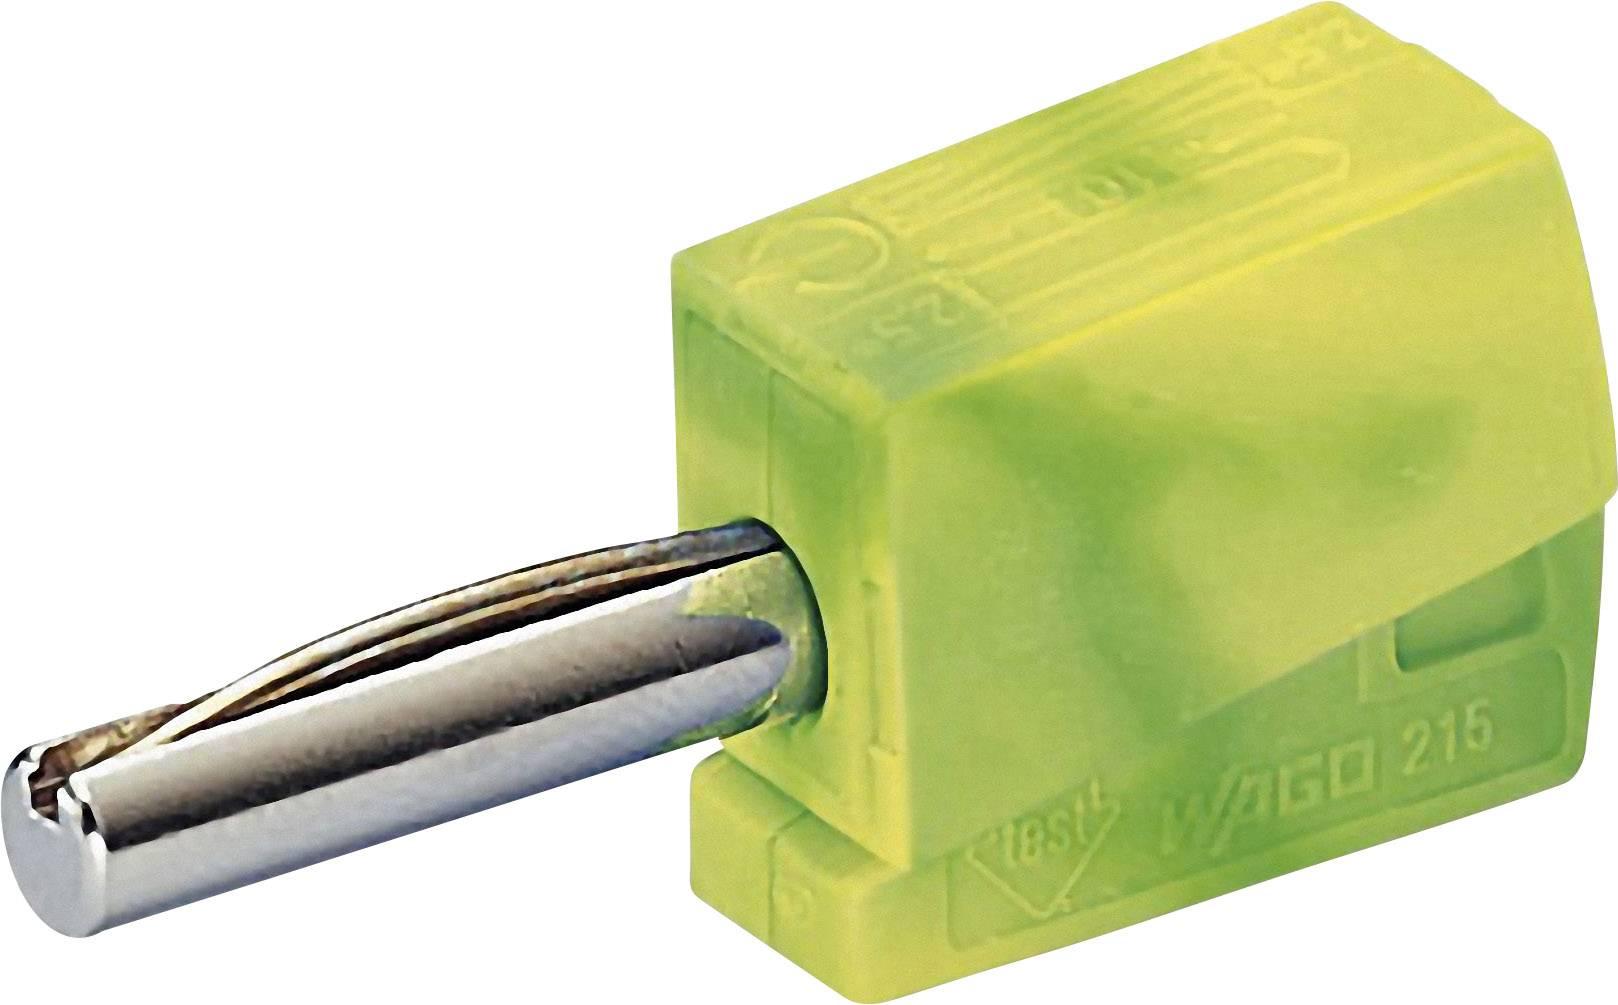 Banánový konektor WAGO – zástrčka, rovná, Ø hrotu: 4 mm, zelenožltá, 1 ks